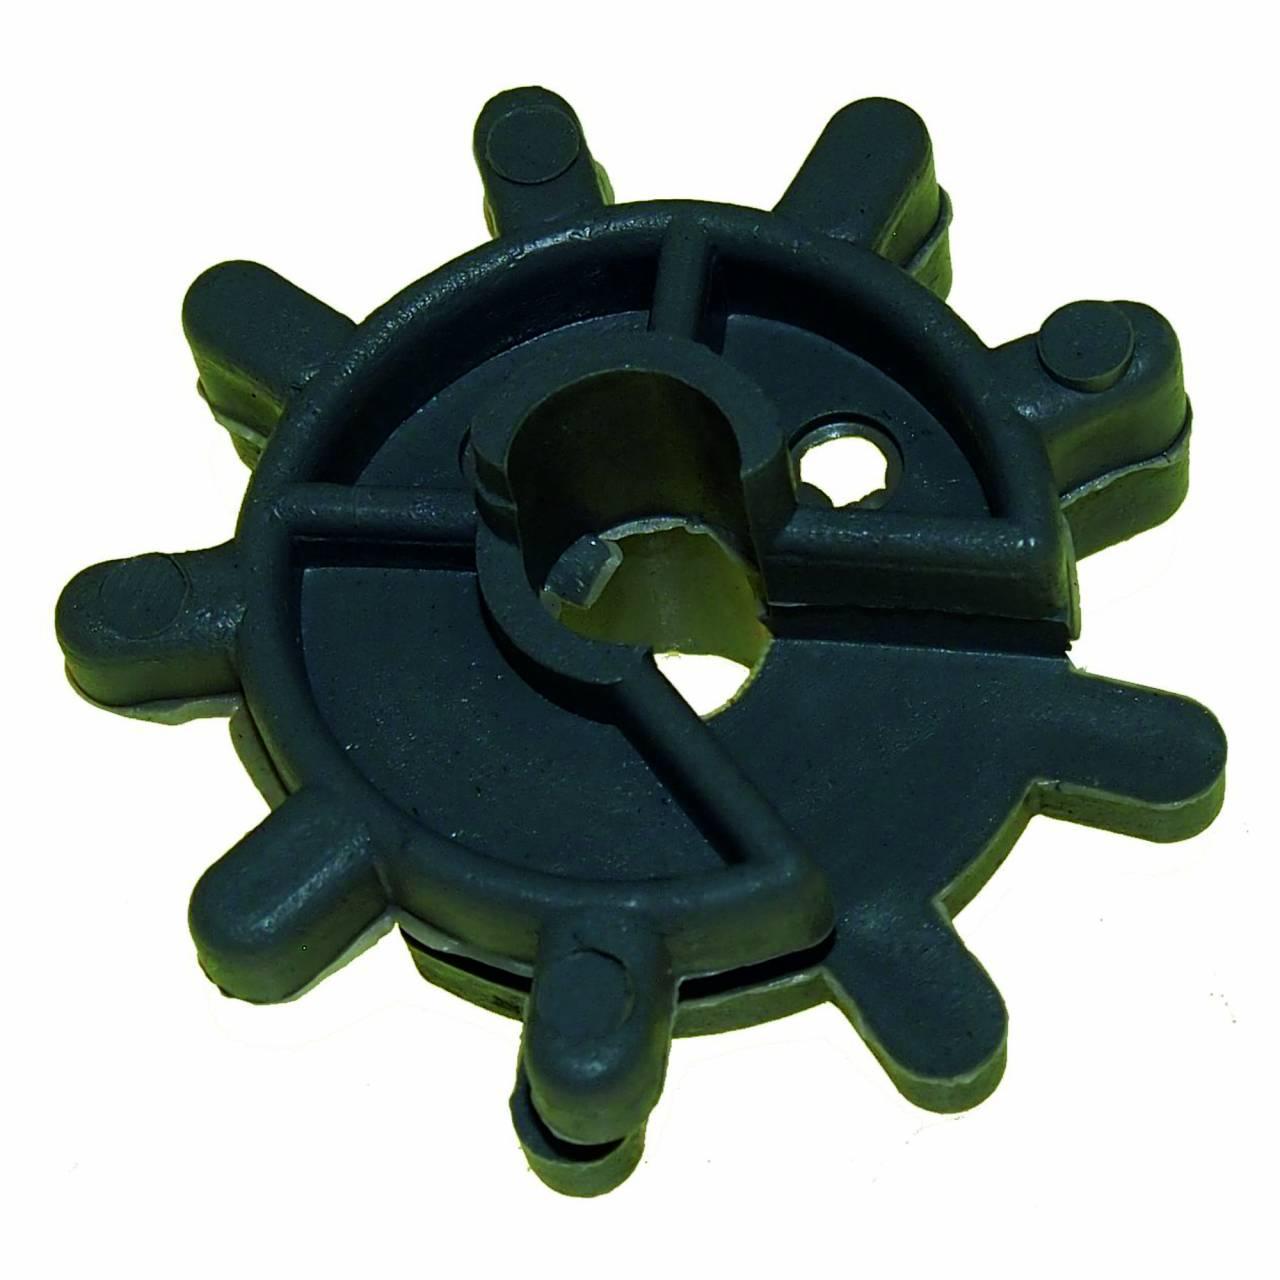 GARANT 4-10 / KB 4 mm Armierungs-Abstandhalter / Krt a 2.000 Stück